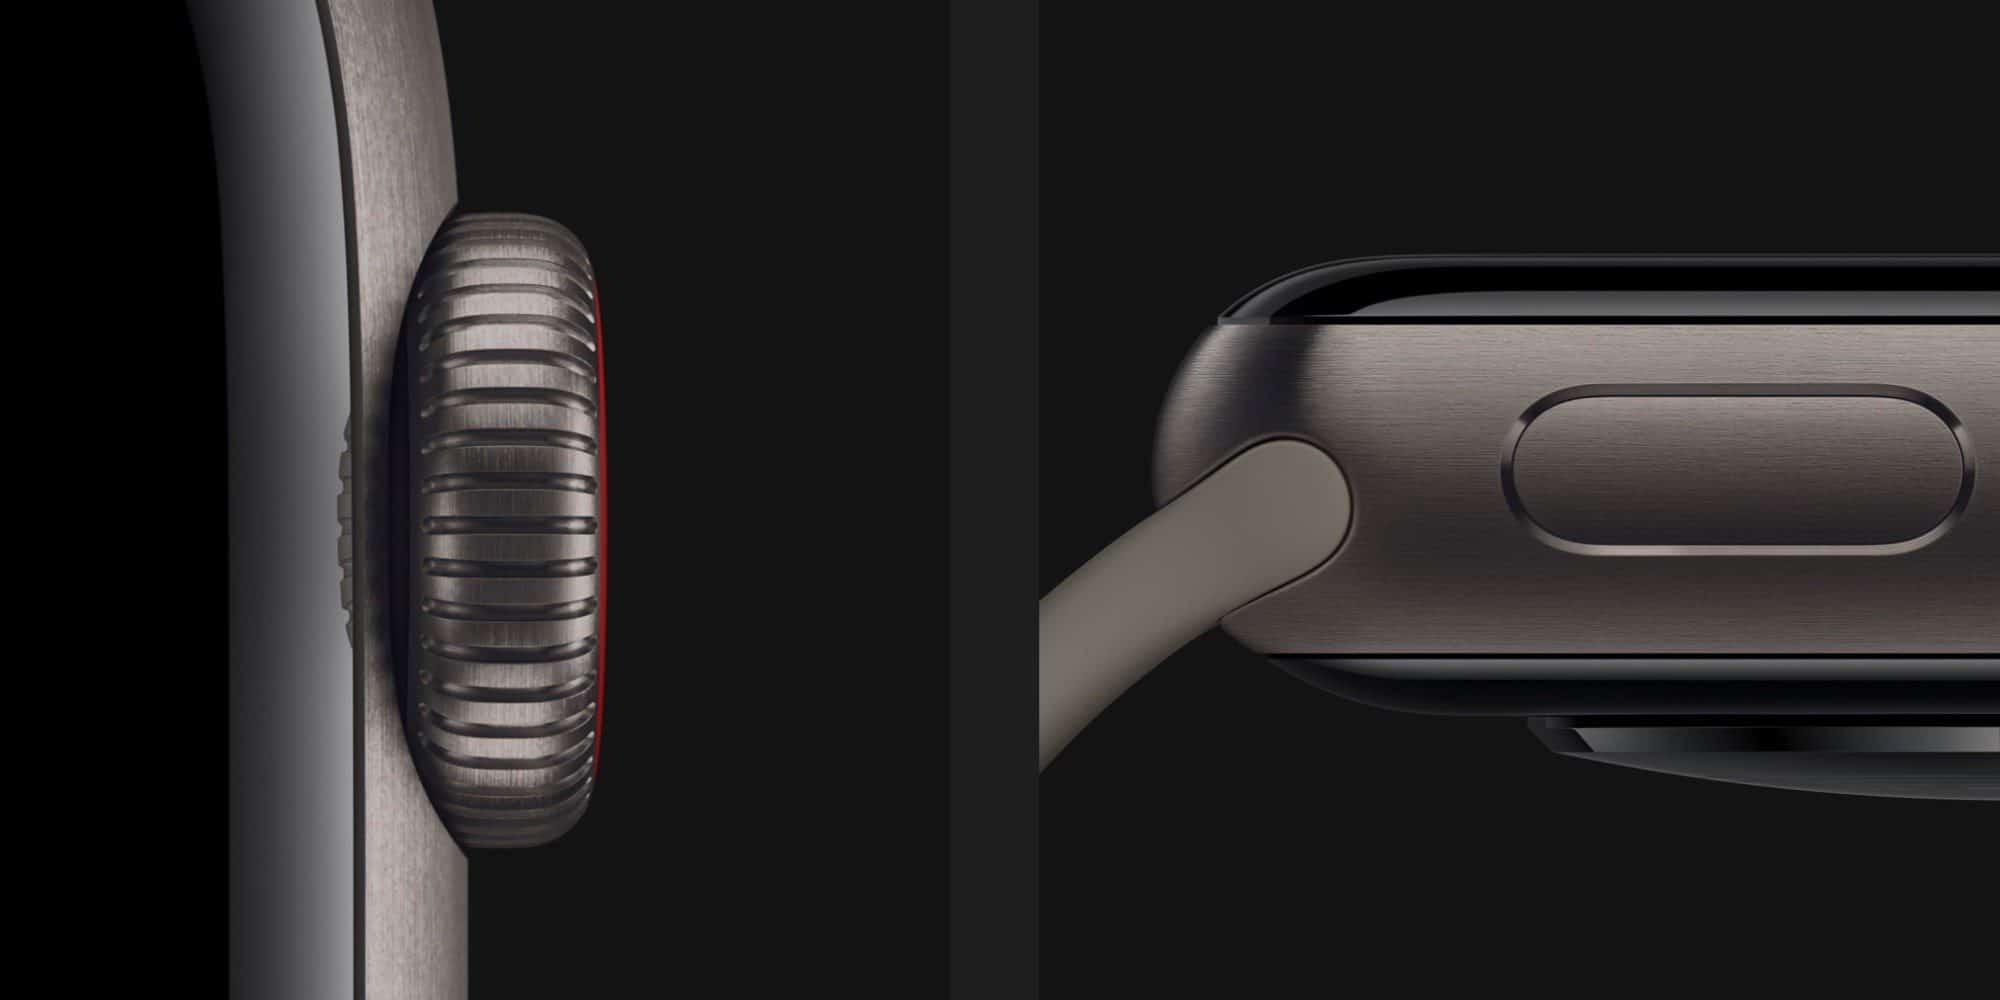 Apple Mengoreksi Apple Watch Berat Seri 5 untuk Model Stainless Steel dan Titanium 1